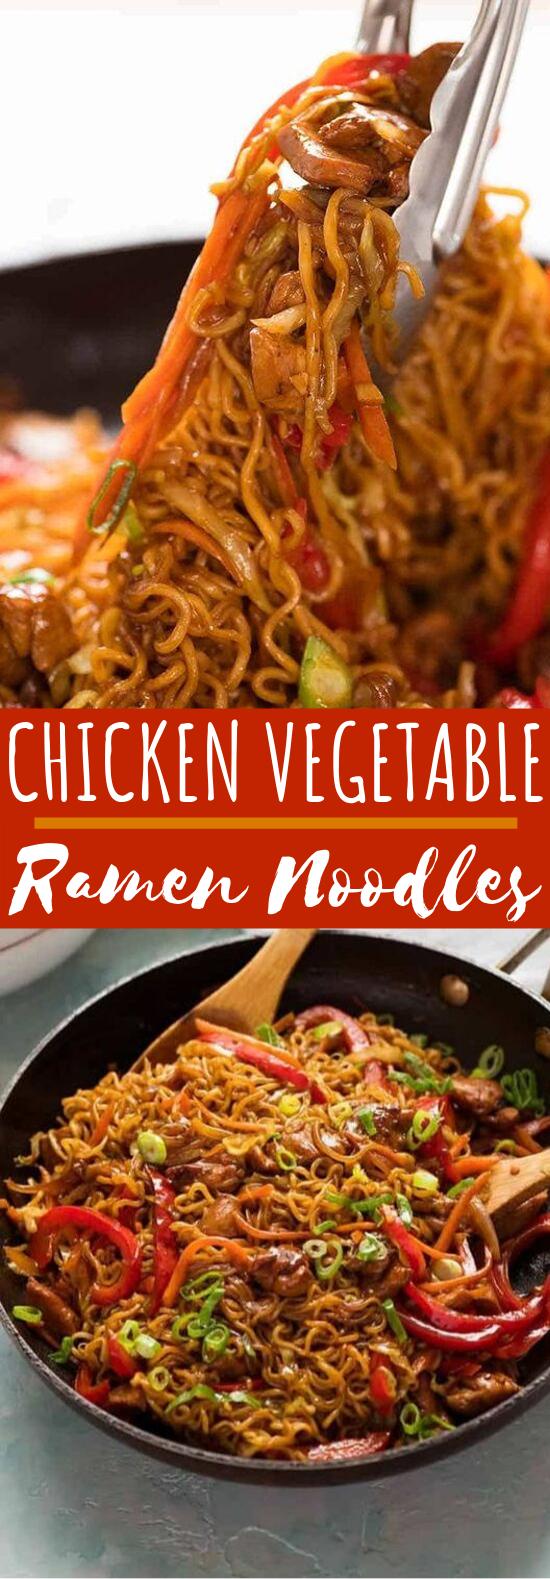 Chicken Vegetable Ramen Noodles #dinner #noodles